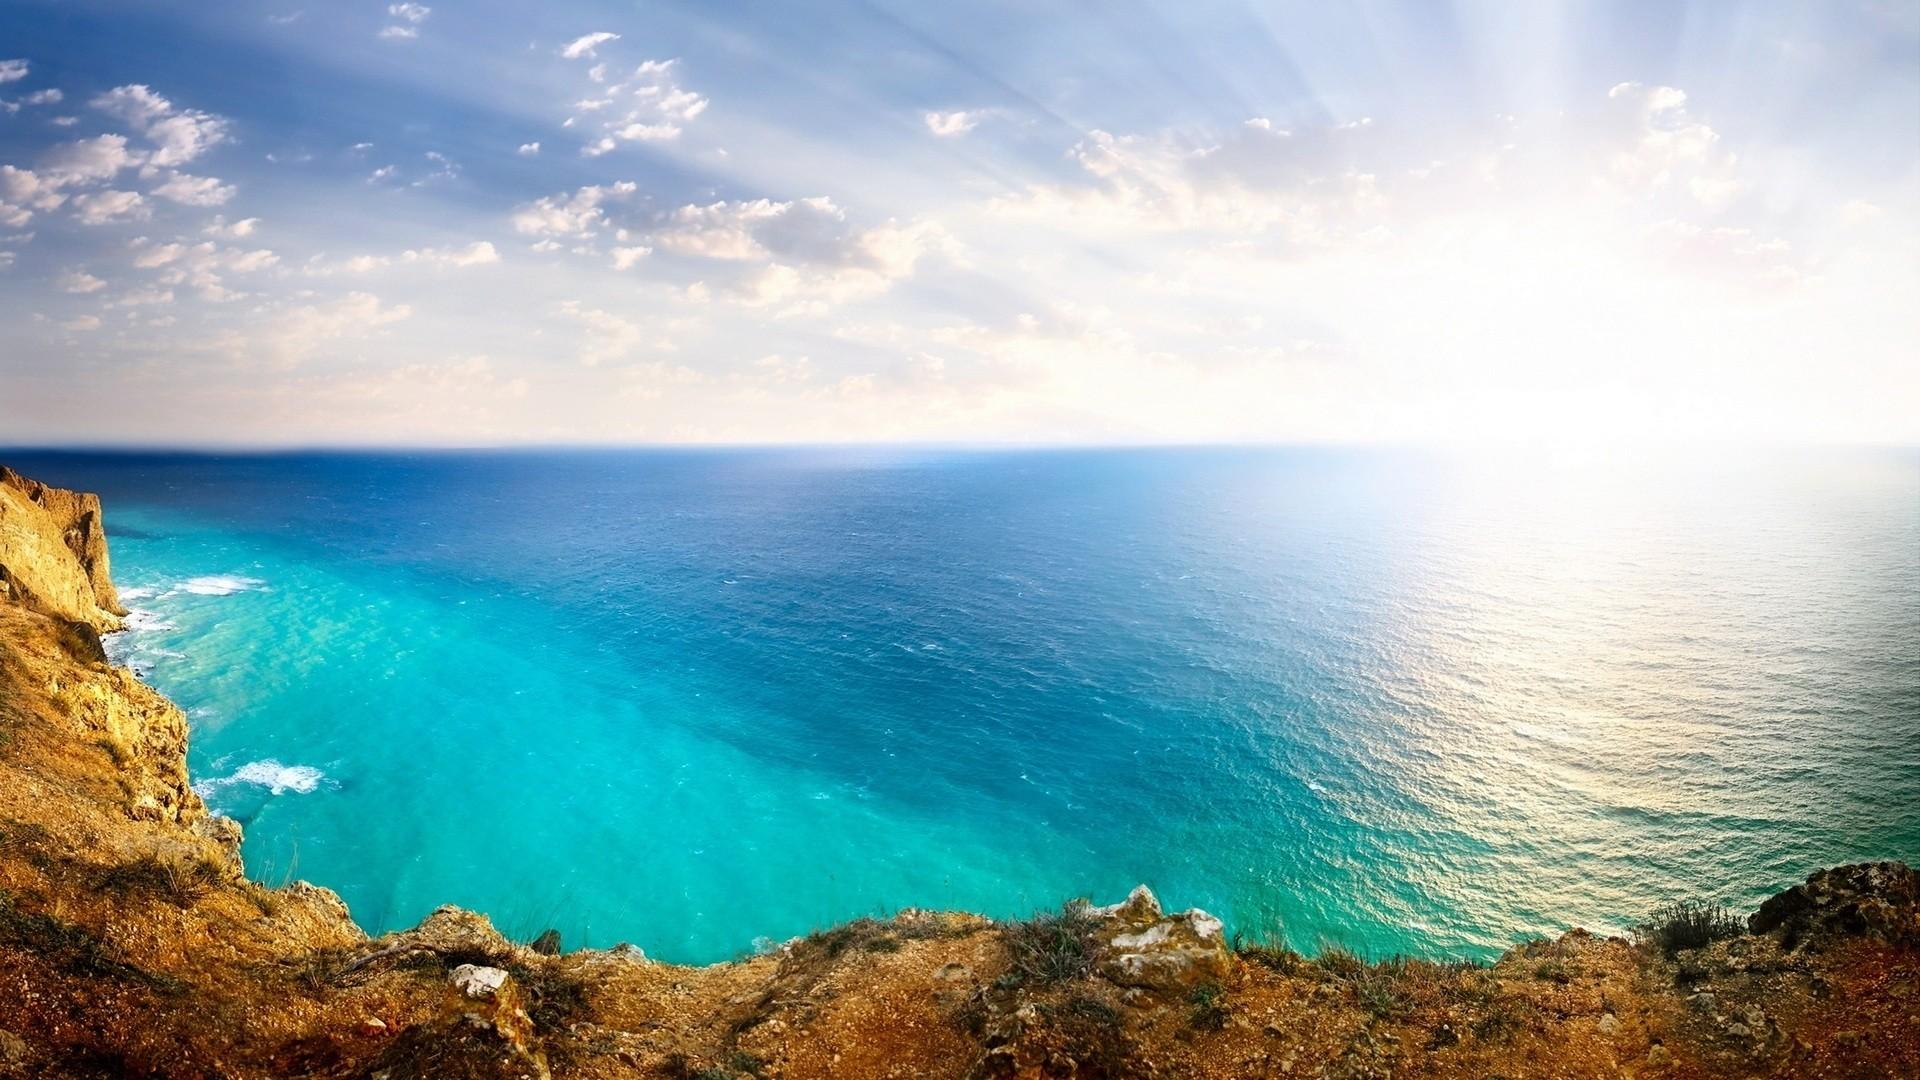 Windows 10 sfondi 82 immagini for Desktop gratis mare